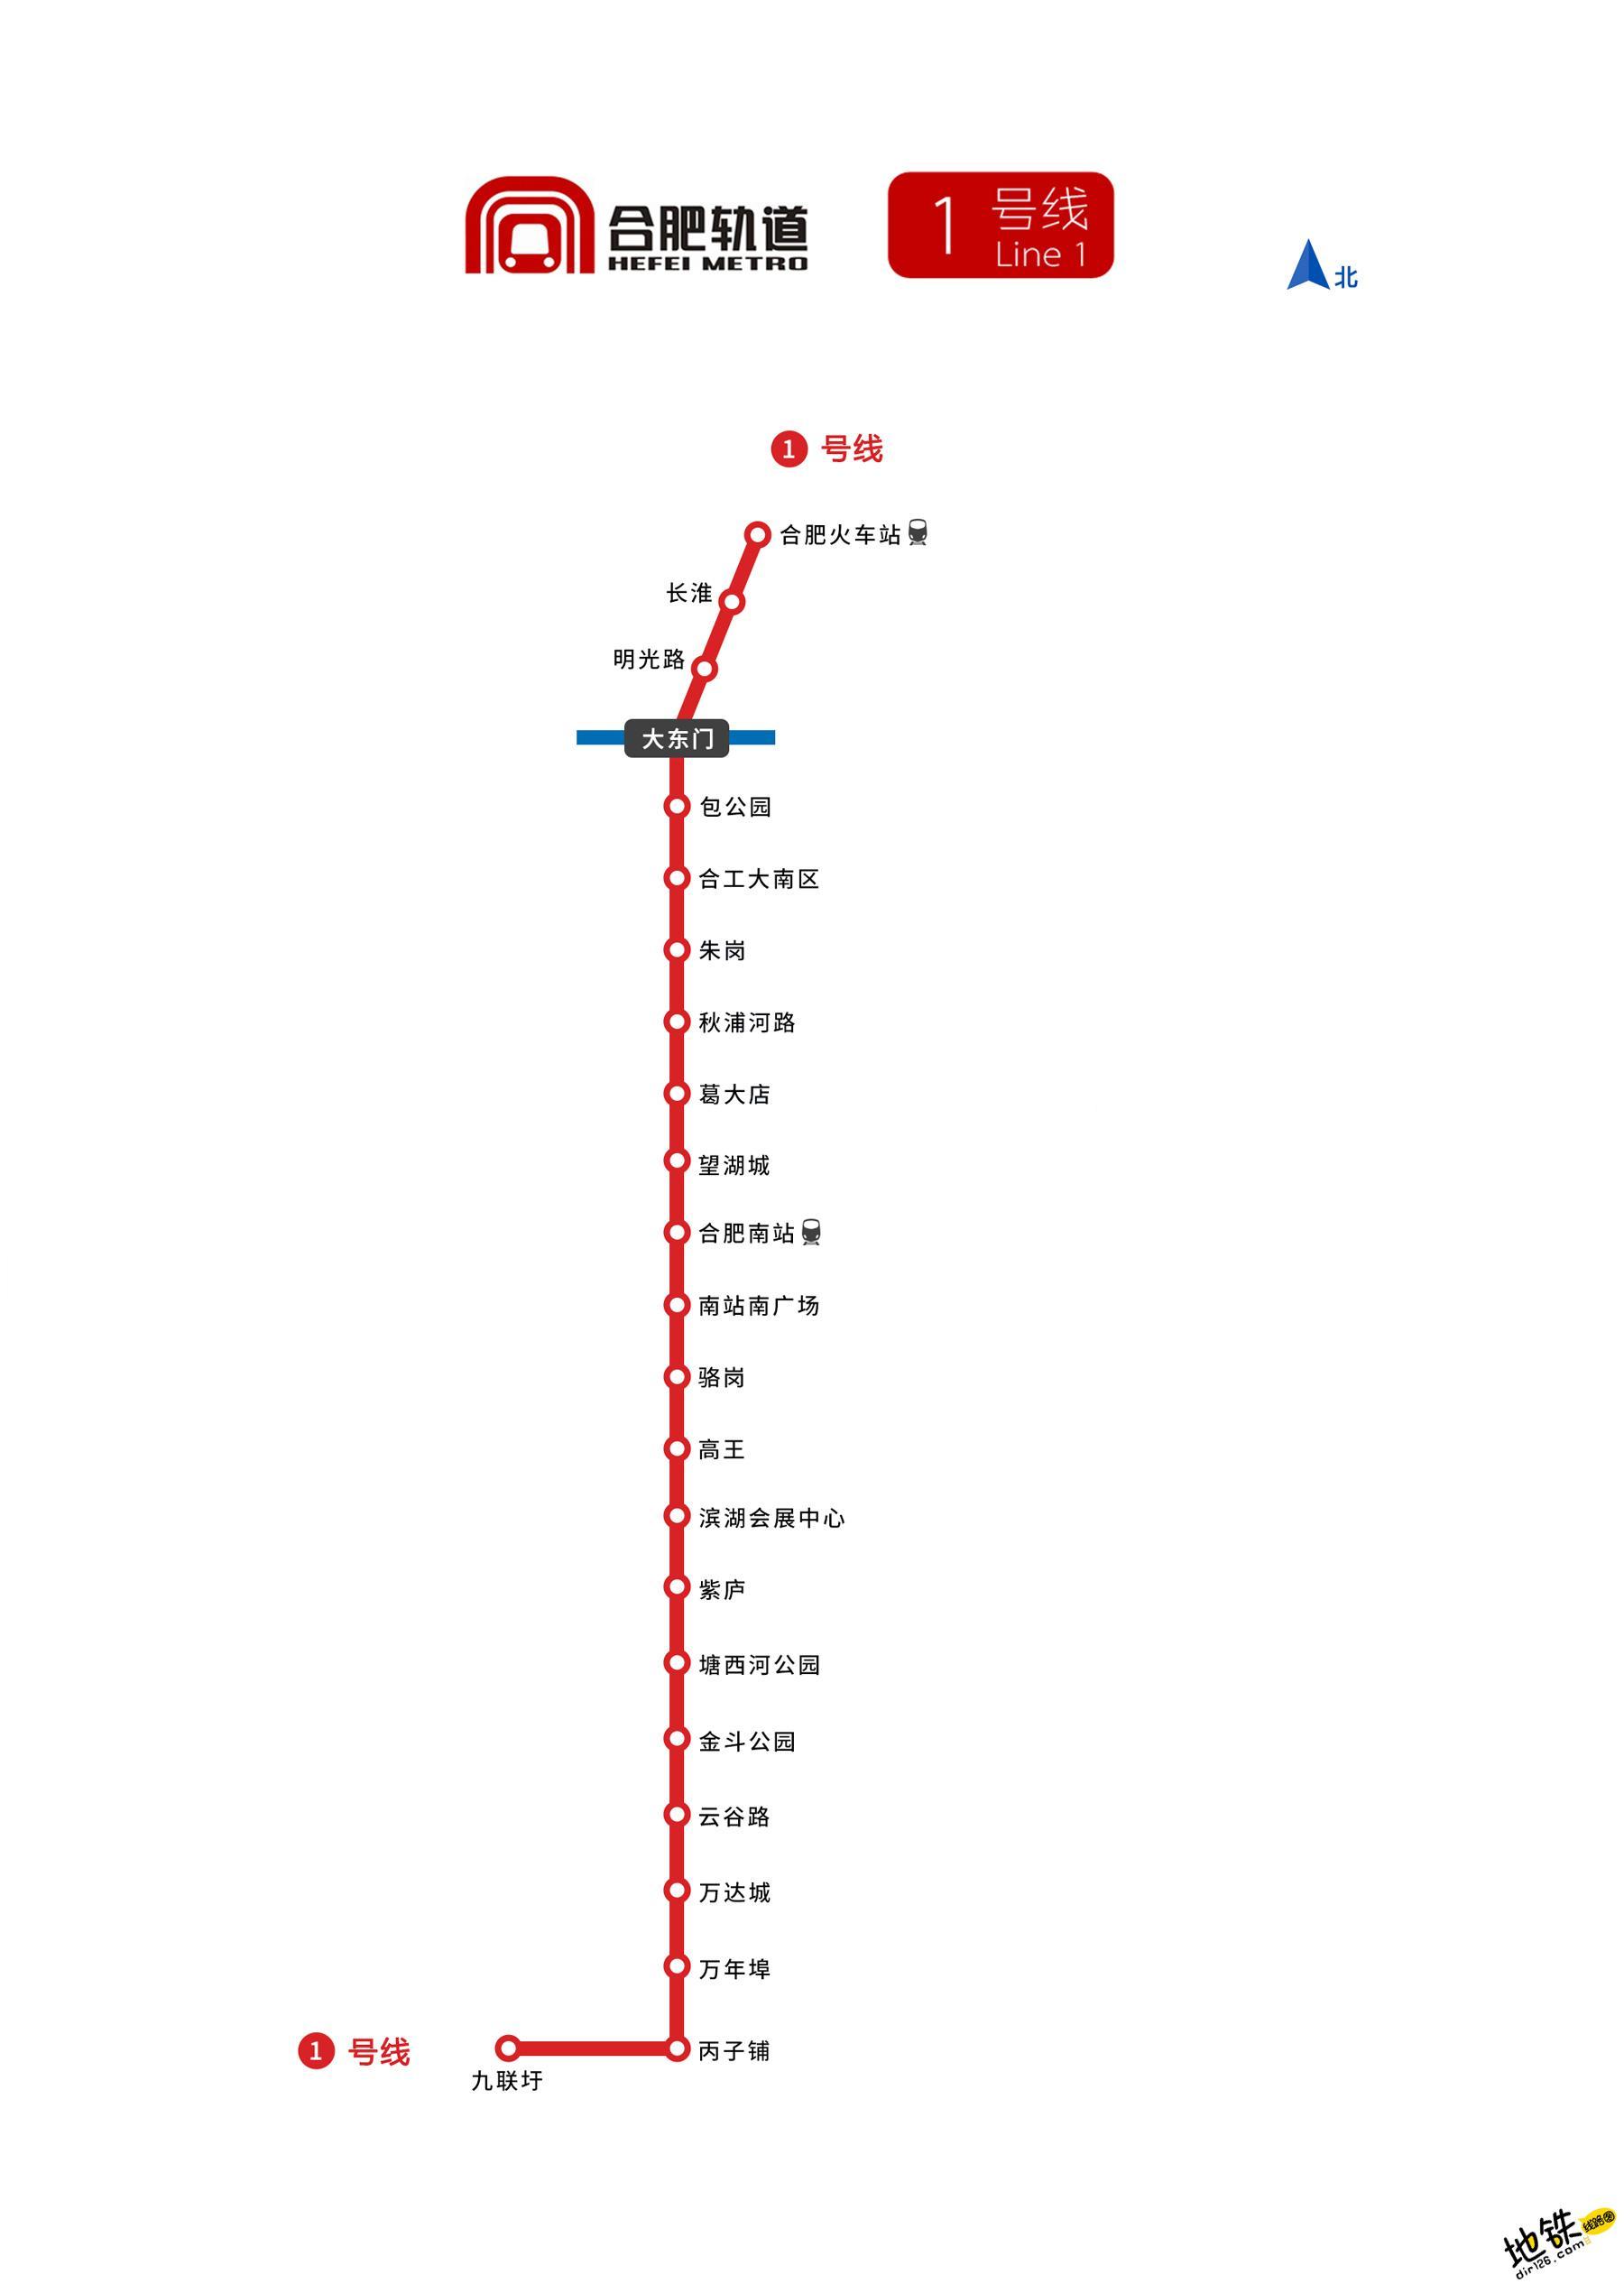 合肥地铁1号线线路图 运营时间票价站点 查询下载 合肥地铁1号线查询 合肥地铁1号线运营时间 合肥地铁1号线线路图 合肥地铁1号线 合肥地铁一号线 合肥地铁线路图  第2张